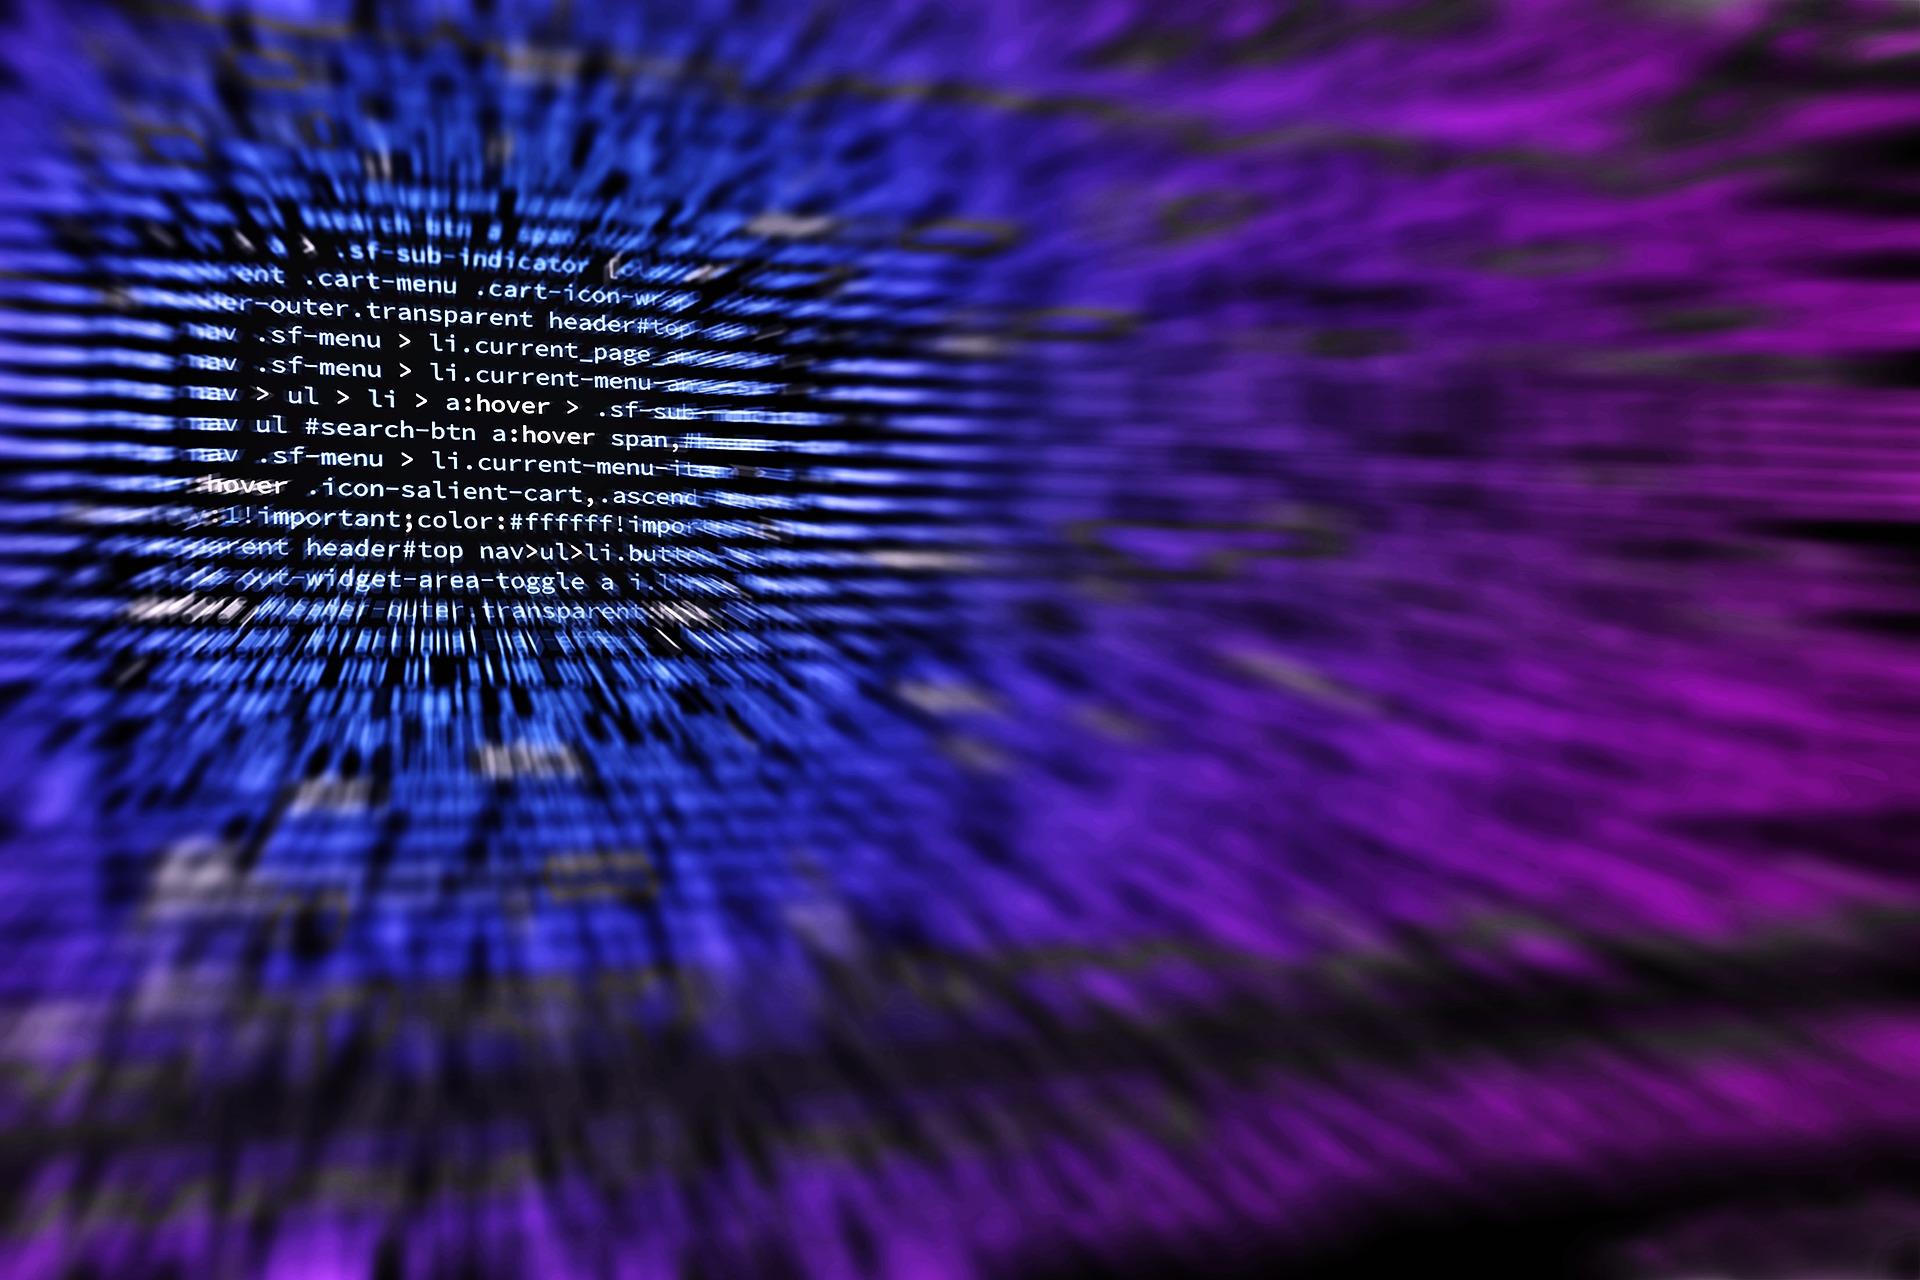 Avast découvre 7 applications d'espionnage sur Google Play Store